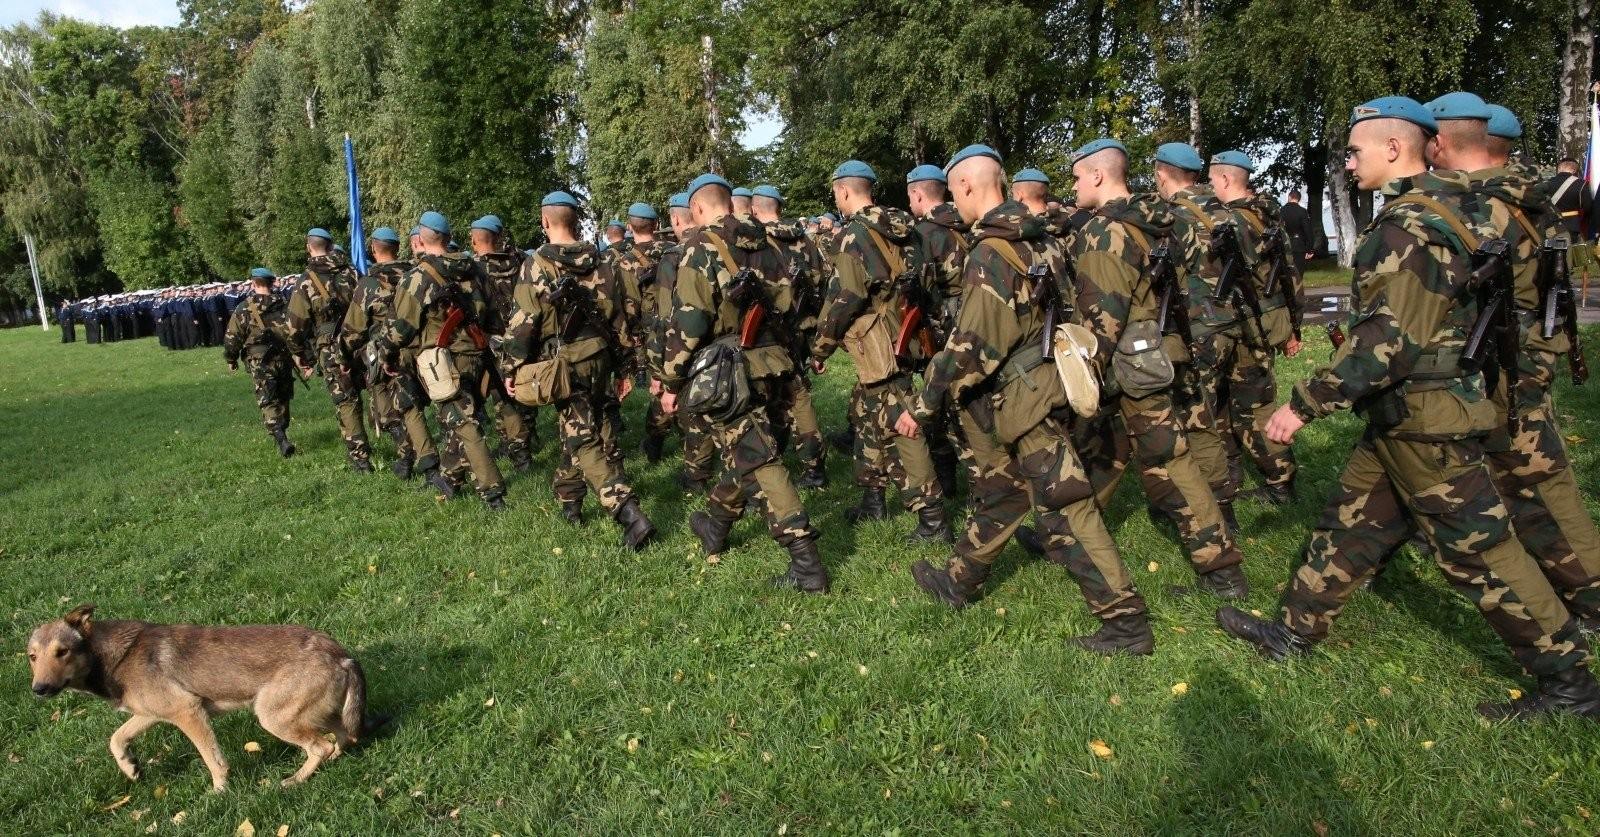 Песков объявил, что Путин может посетить военные учения «Запад-2017»